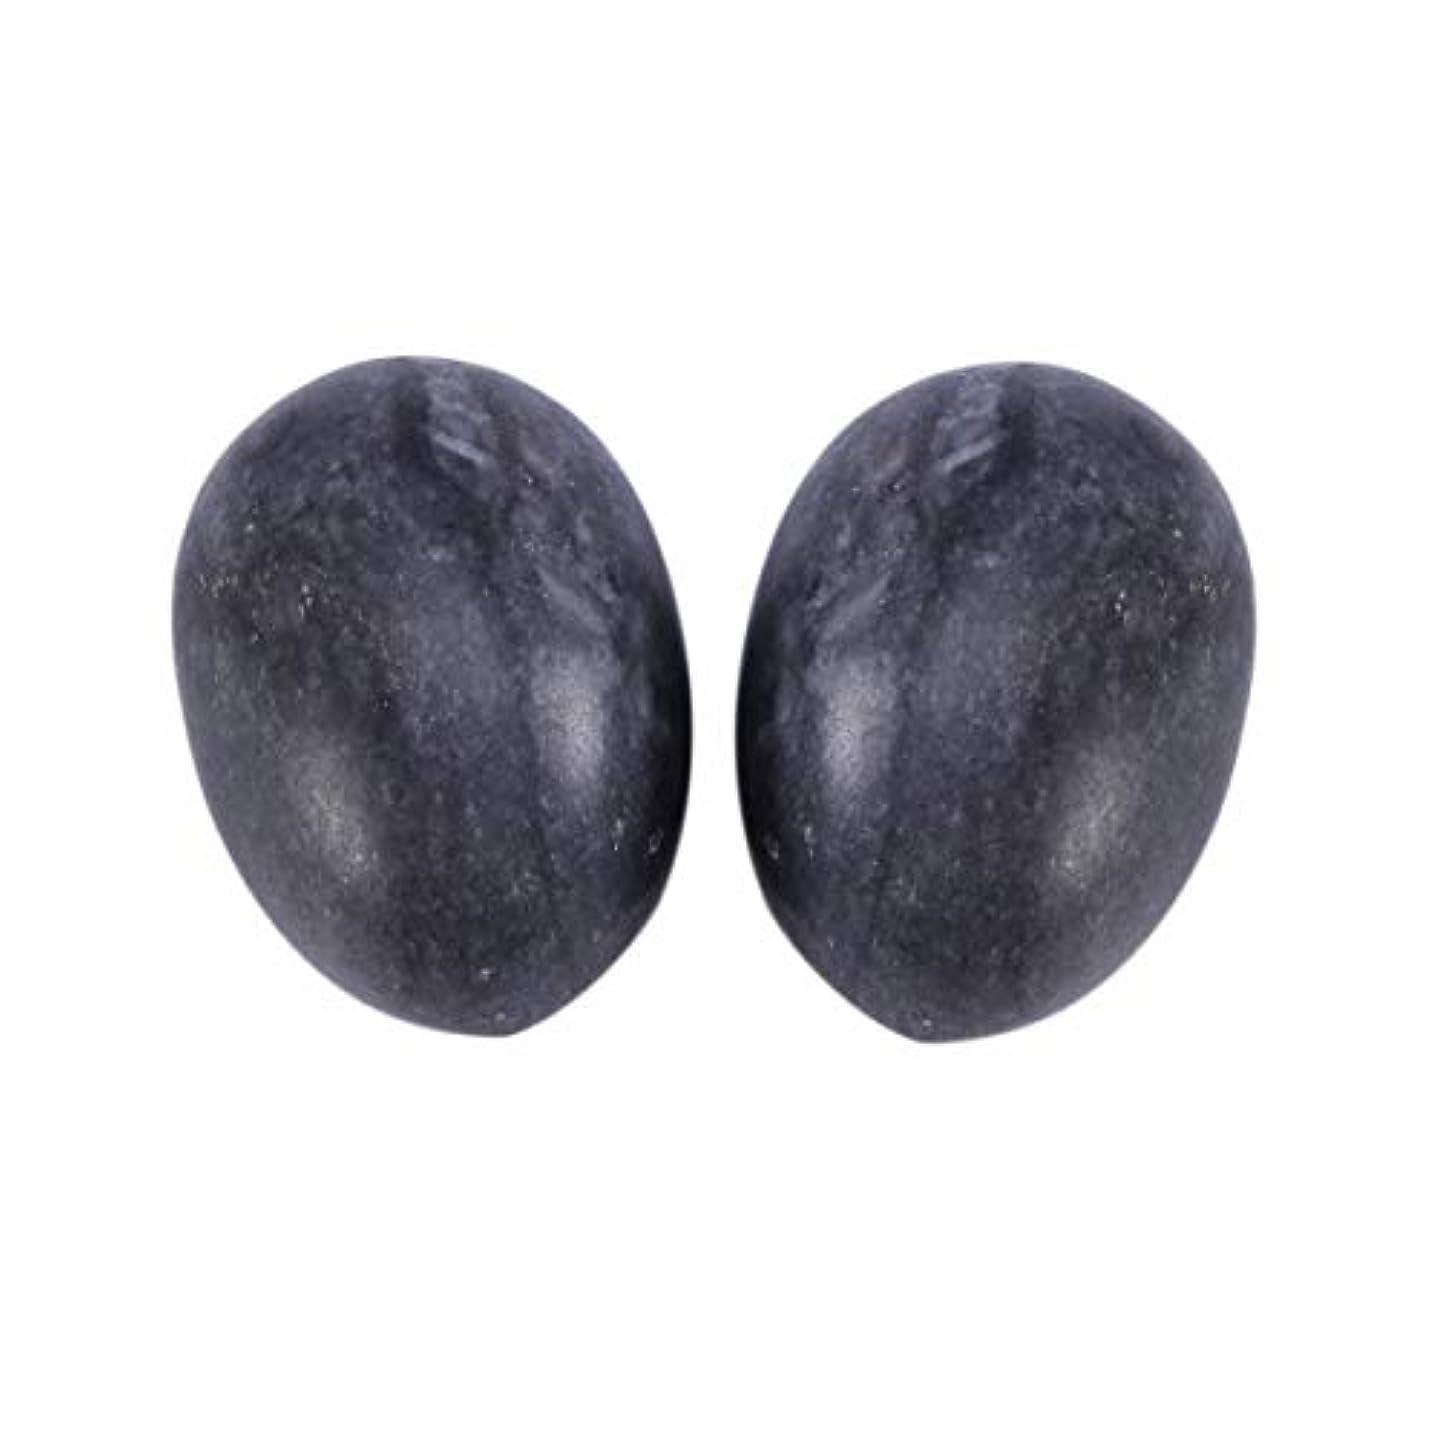 理由忌まわしい支出Healifty 6PCS翡翠Yoni卵マッサージ癒しの石のケゲル運動骨盤底筋運動(黒)